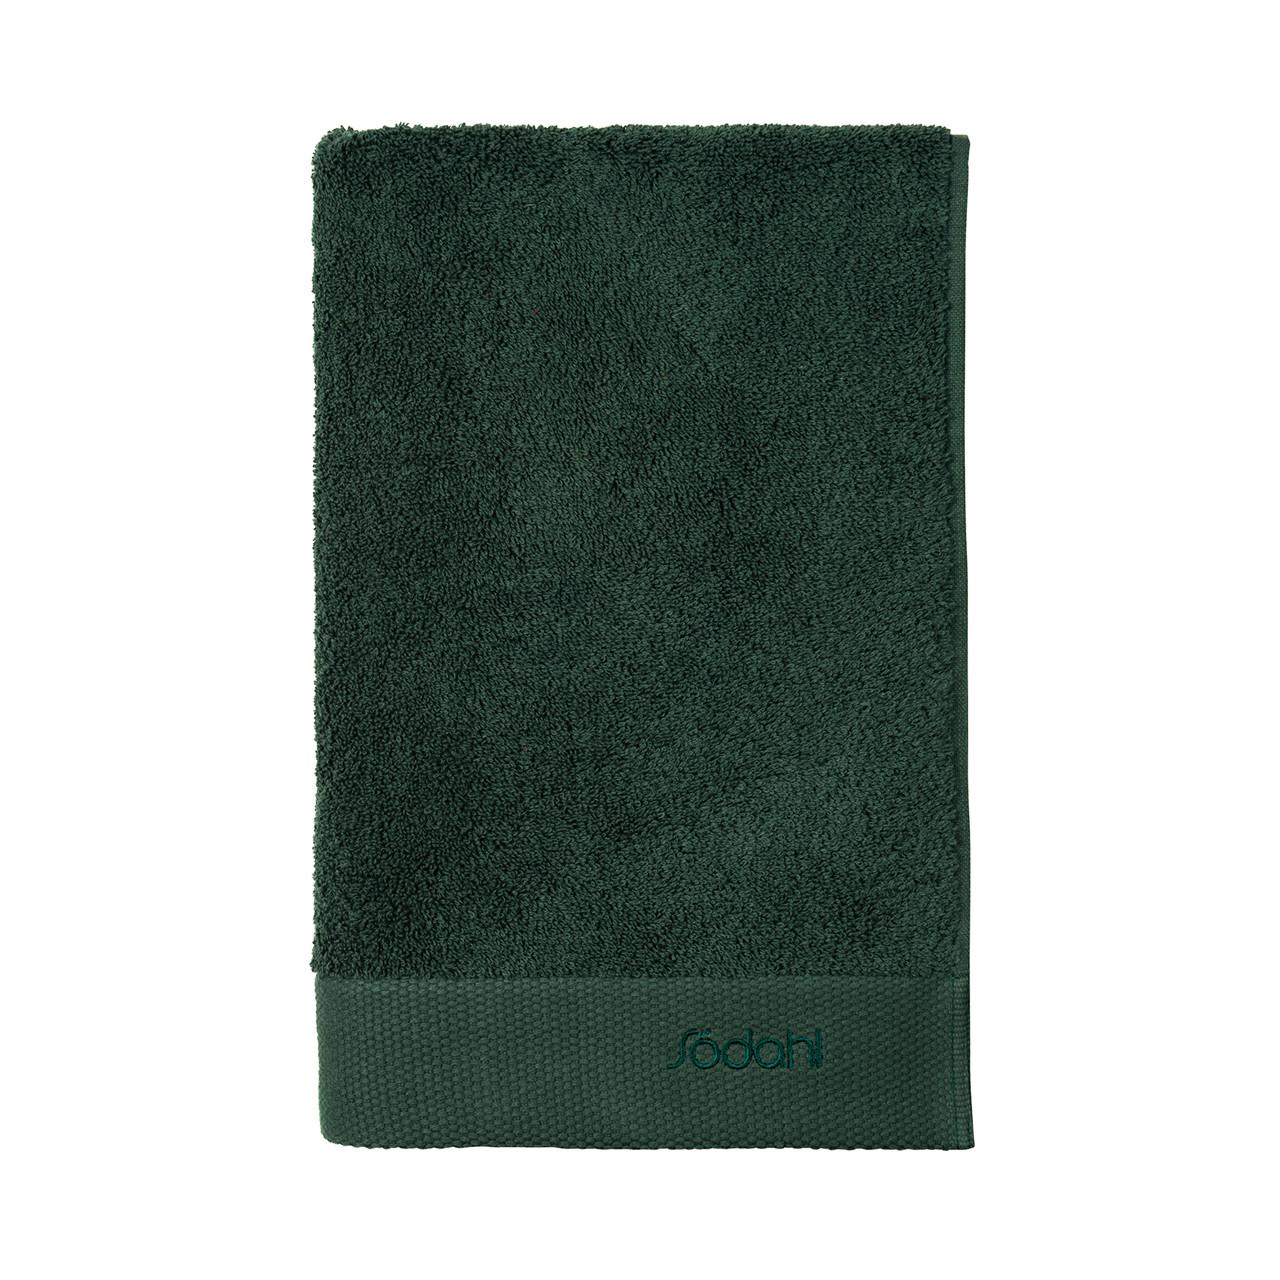 SÖDAHL Håndklæde 70x140 Comfort mørk grøn